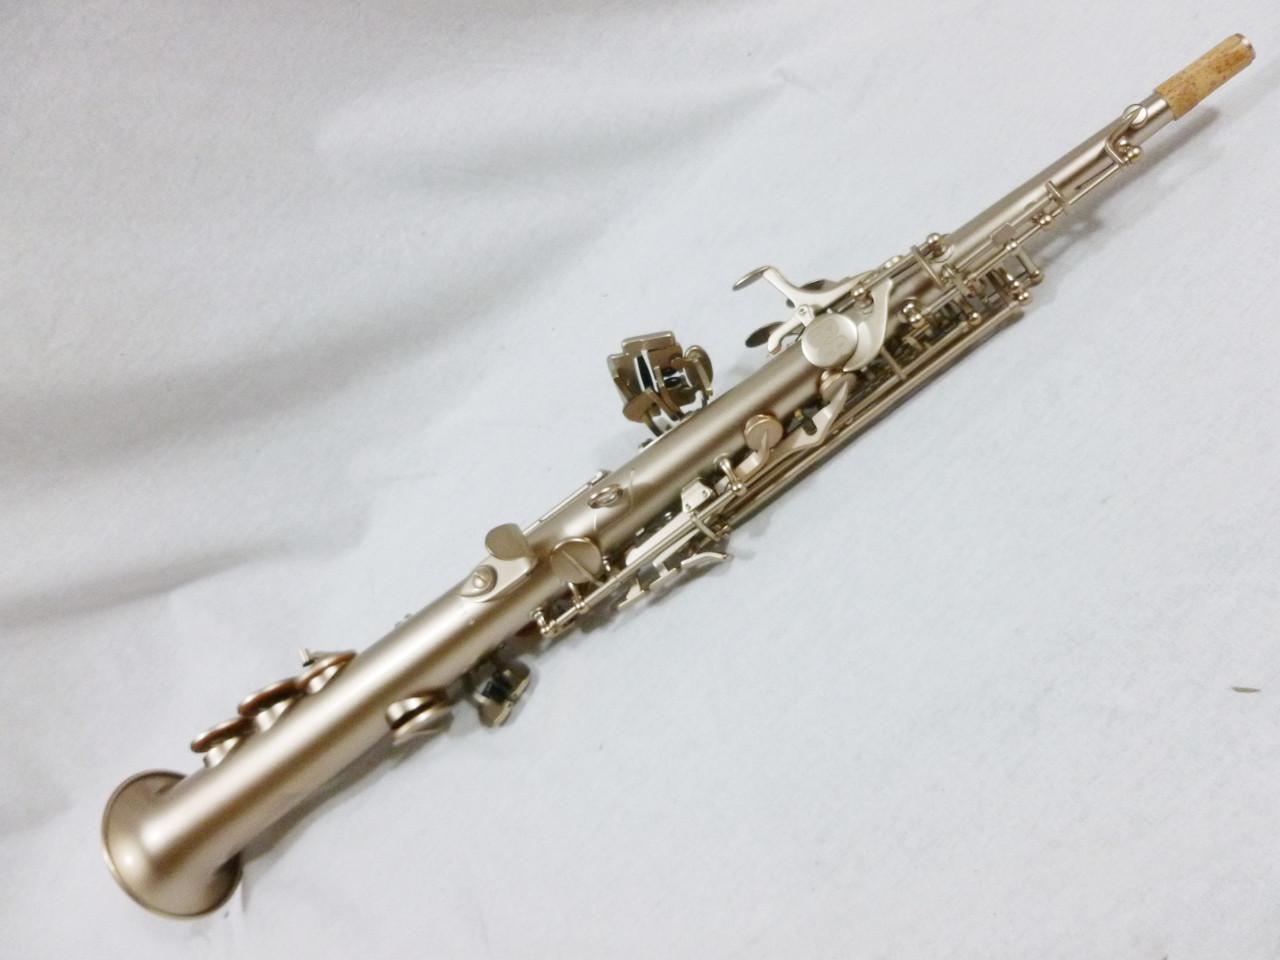 trevor james horn 88 soprano saxophone 1